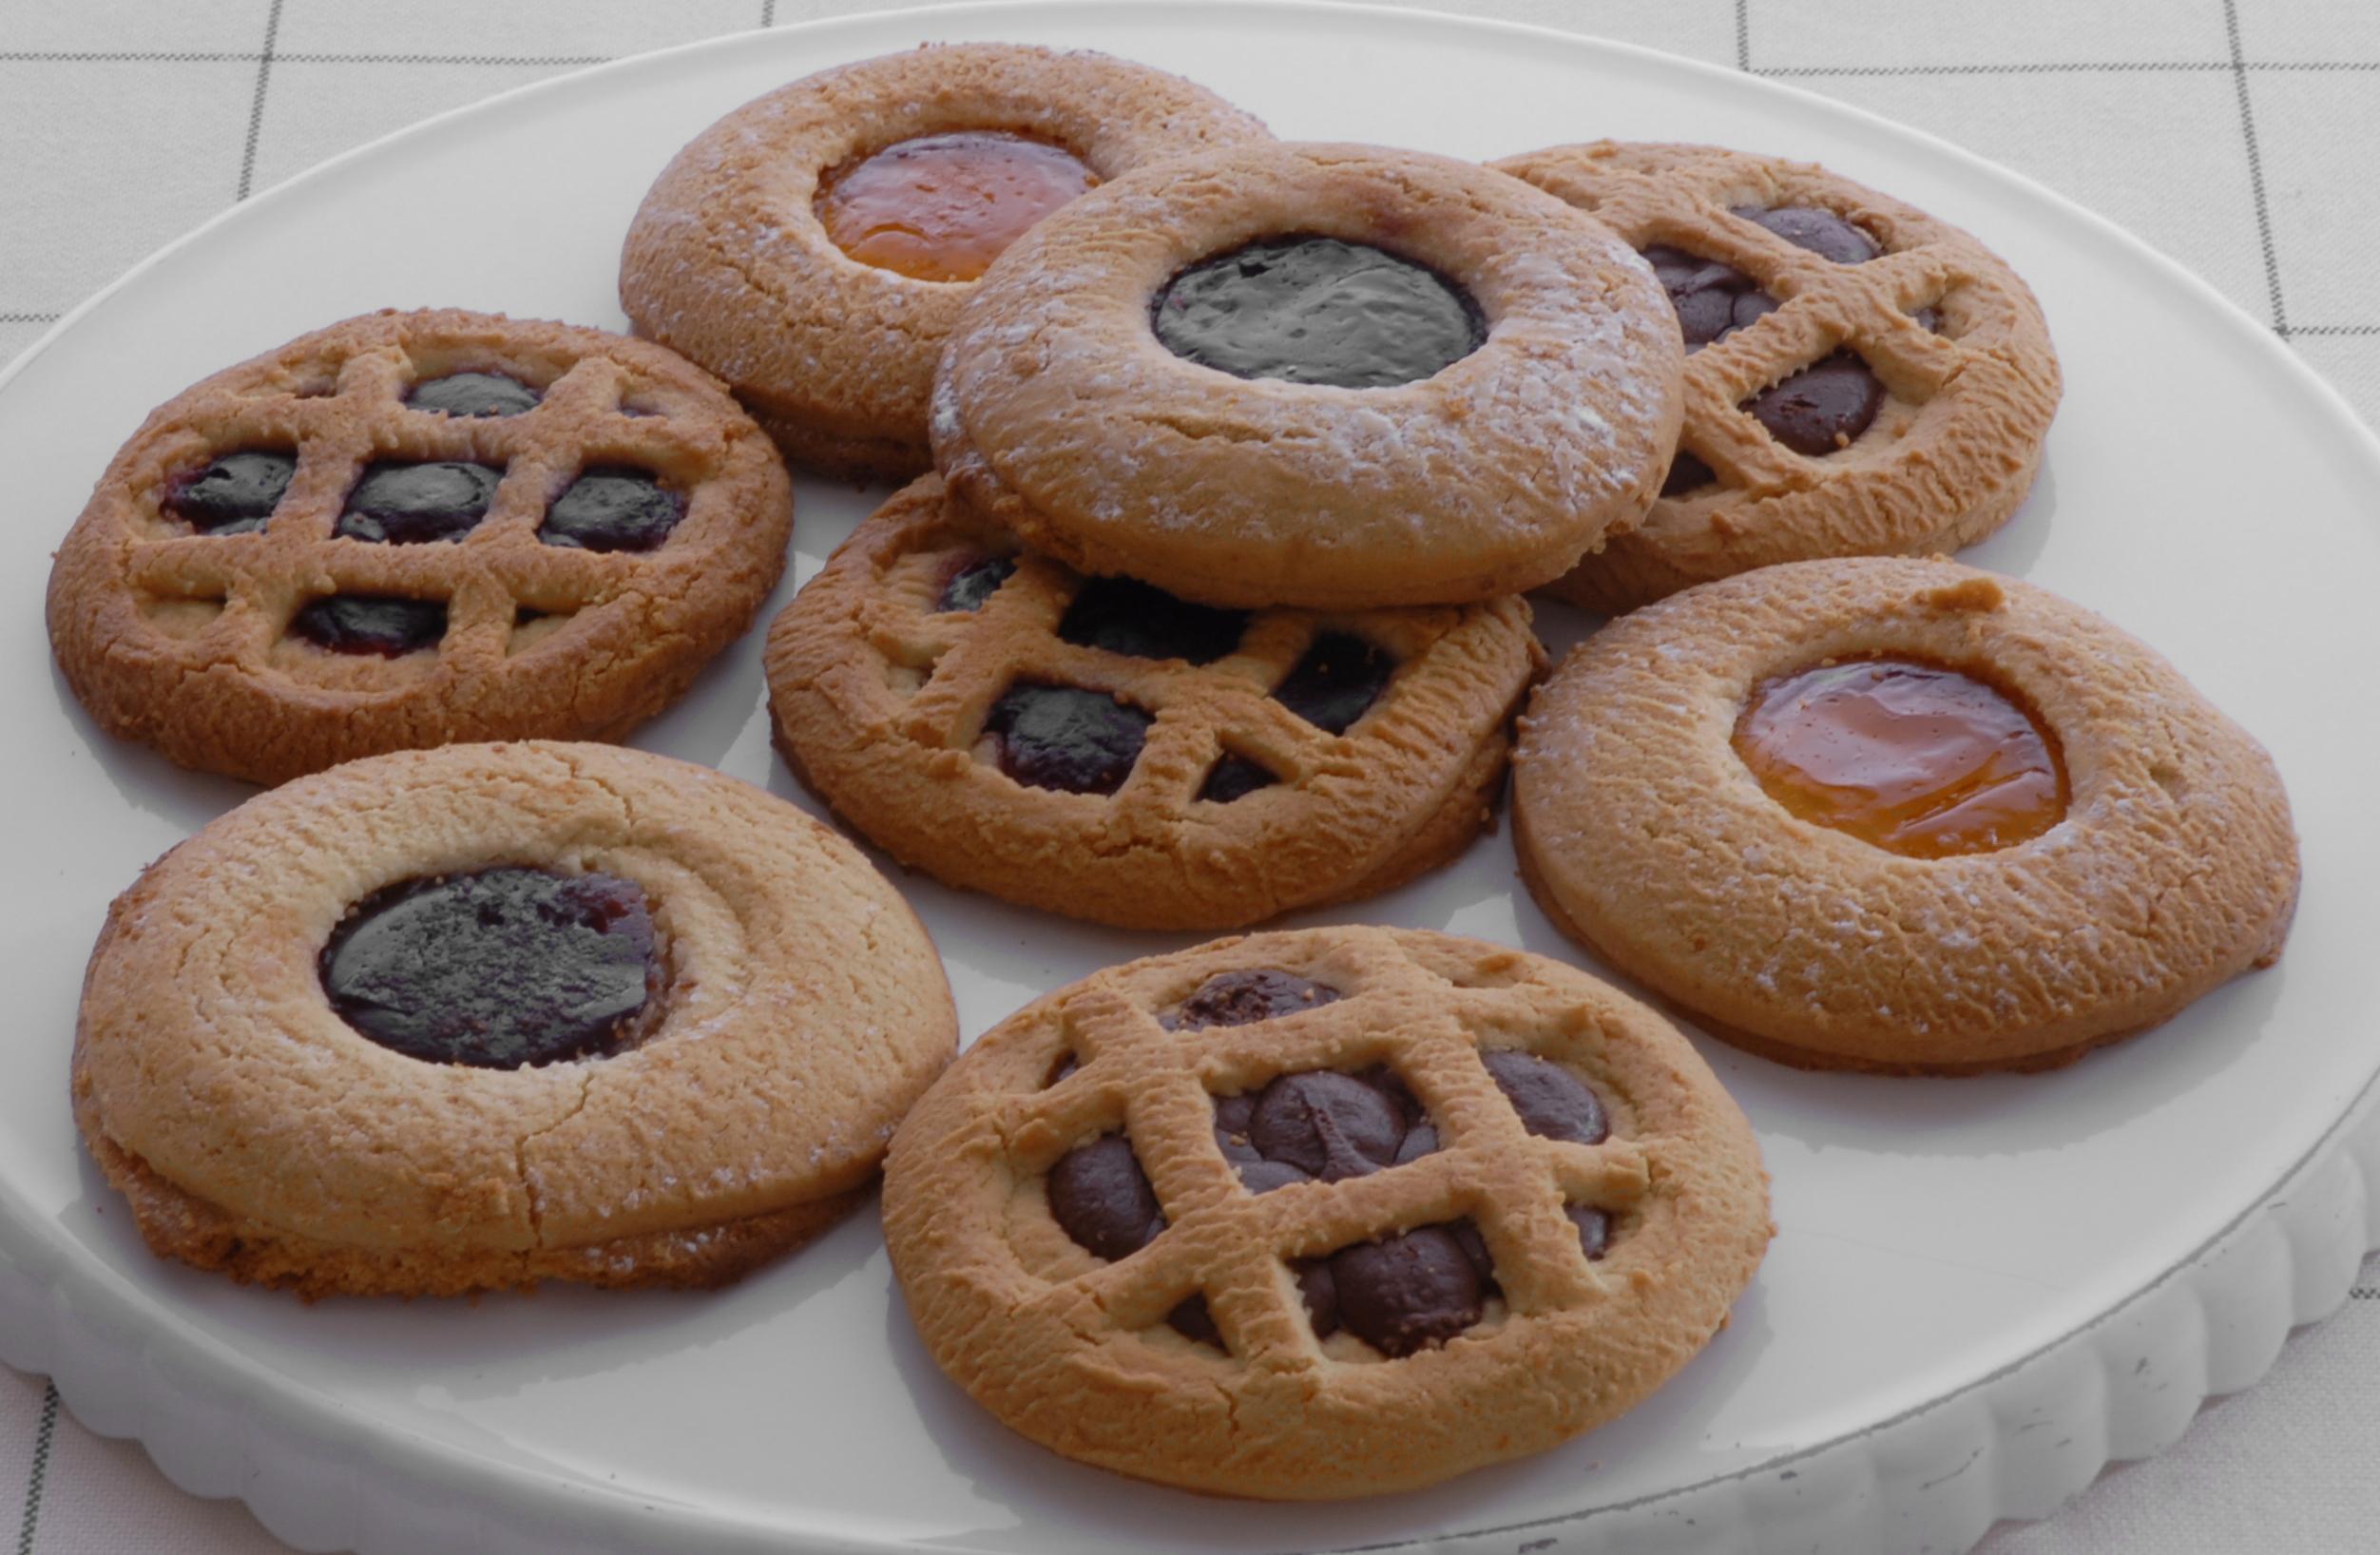 La Papperia prodotti tipici Alzate brianza ( COMO ) crostatine occhio di bue al farro